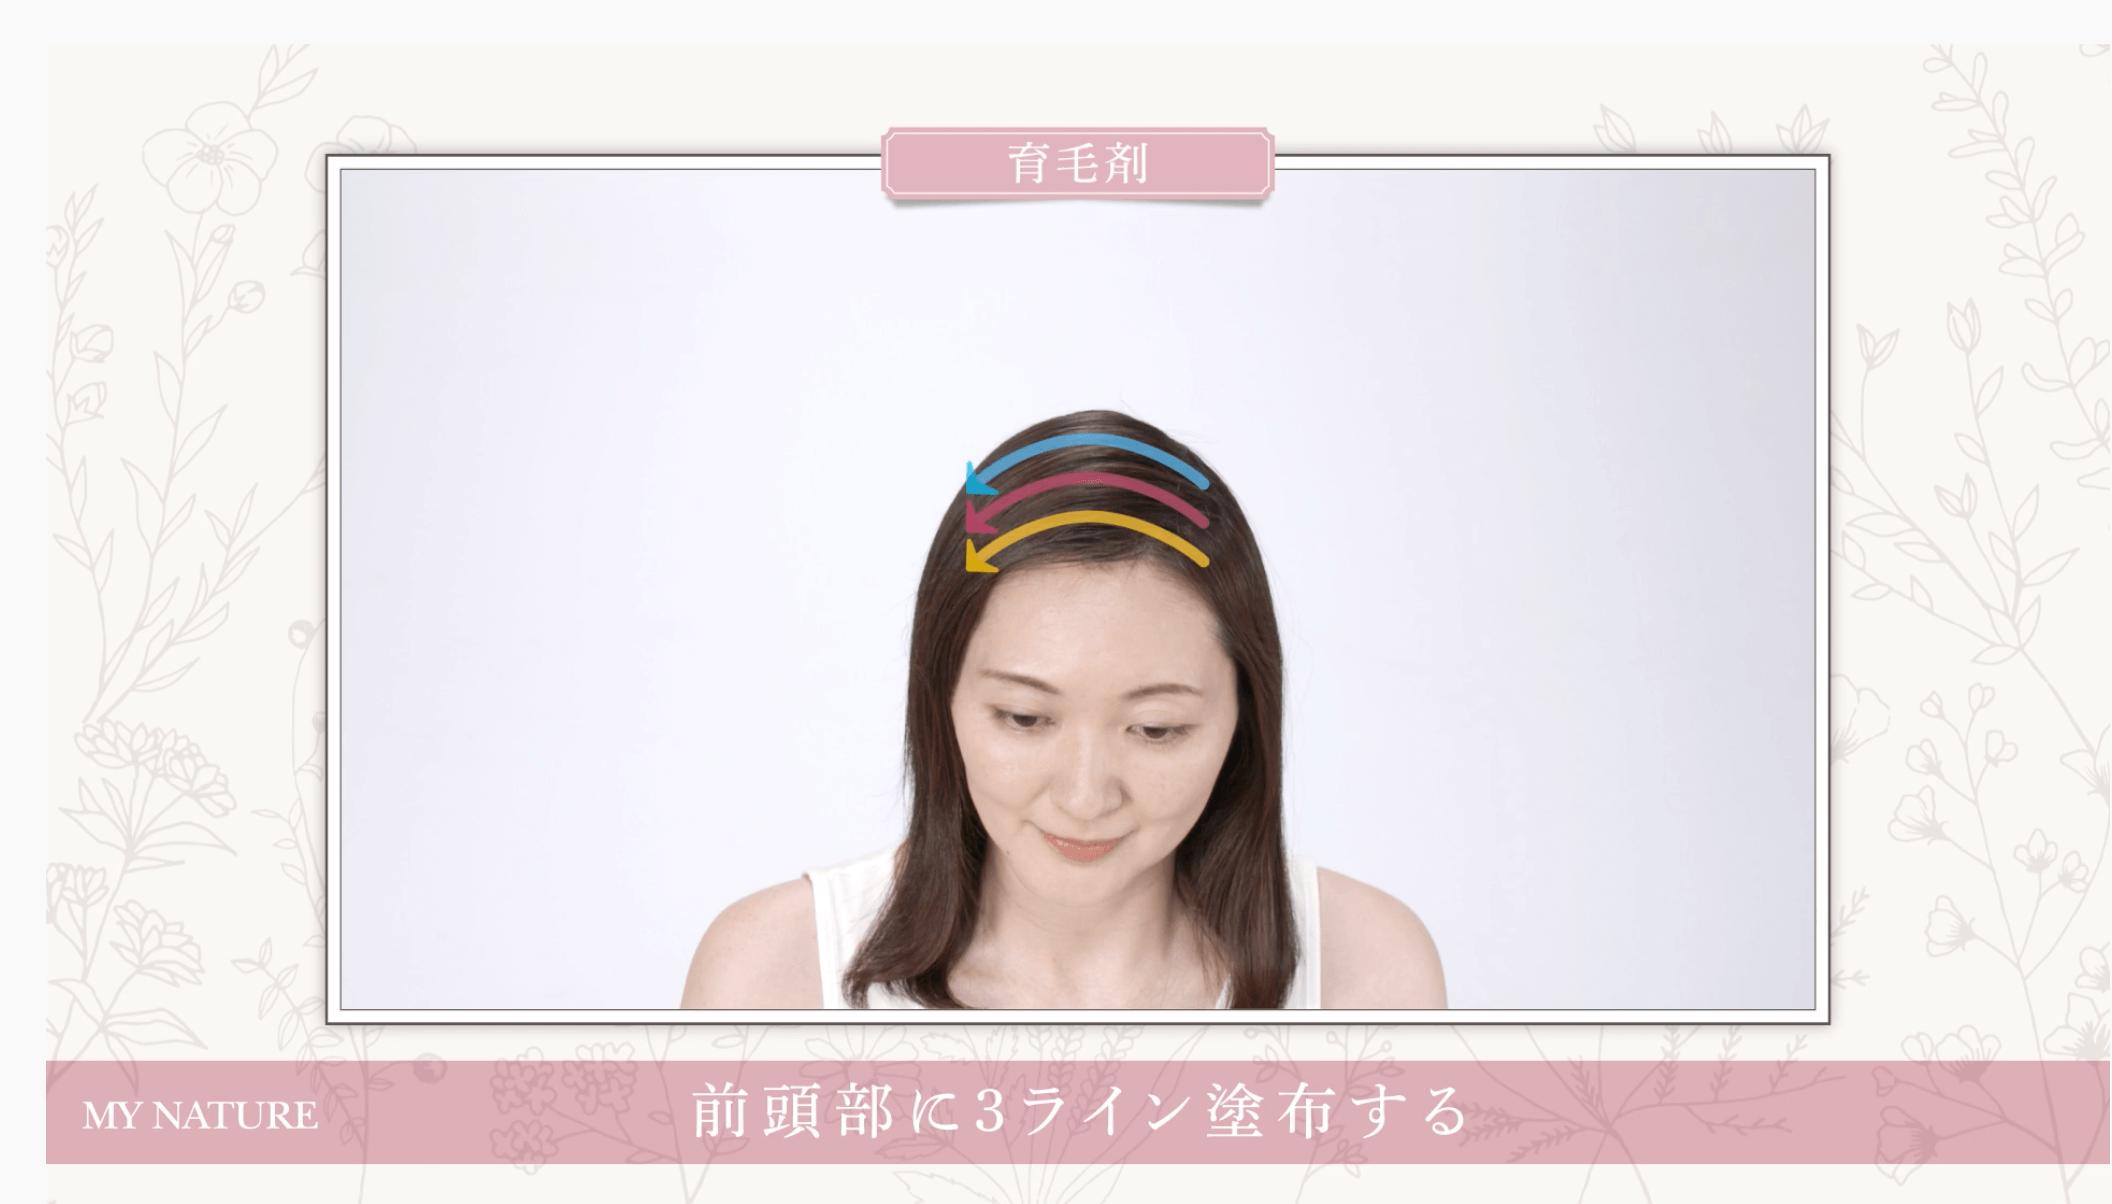 【マイナチュレ】育毛剤の使い方 前頭部